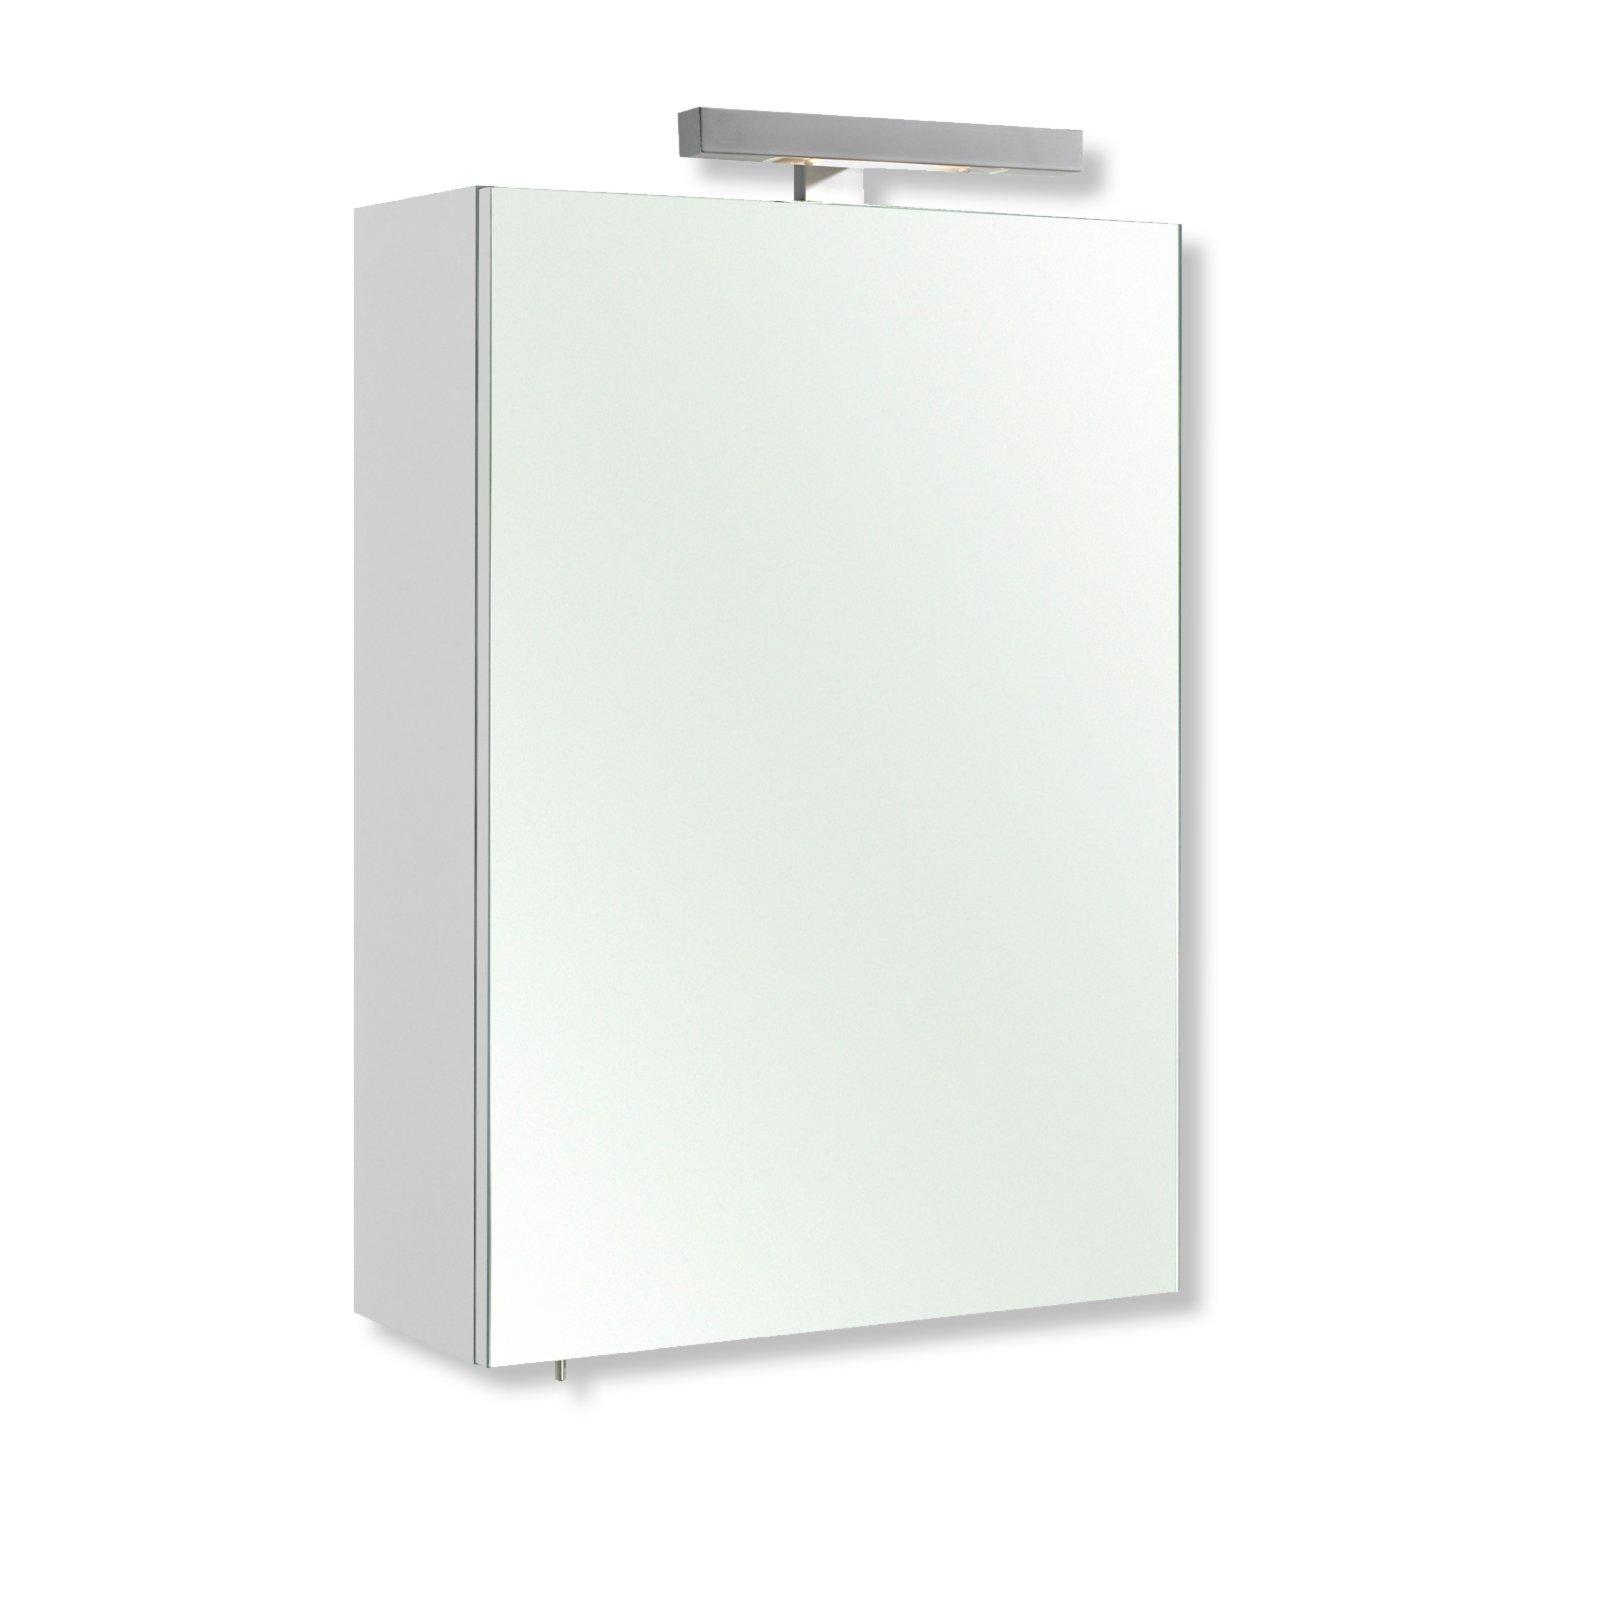 spiegelschrank rio spiegelschr nke badm bel. Black Bedroom Furniture Sets. Home Design Ideas